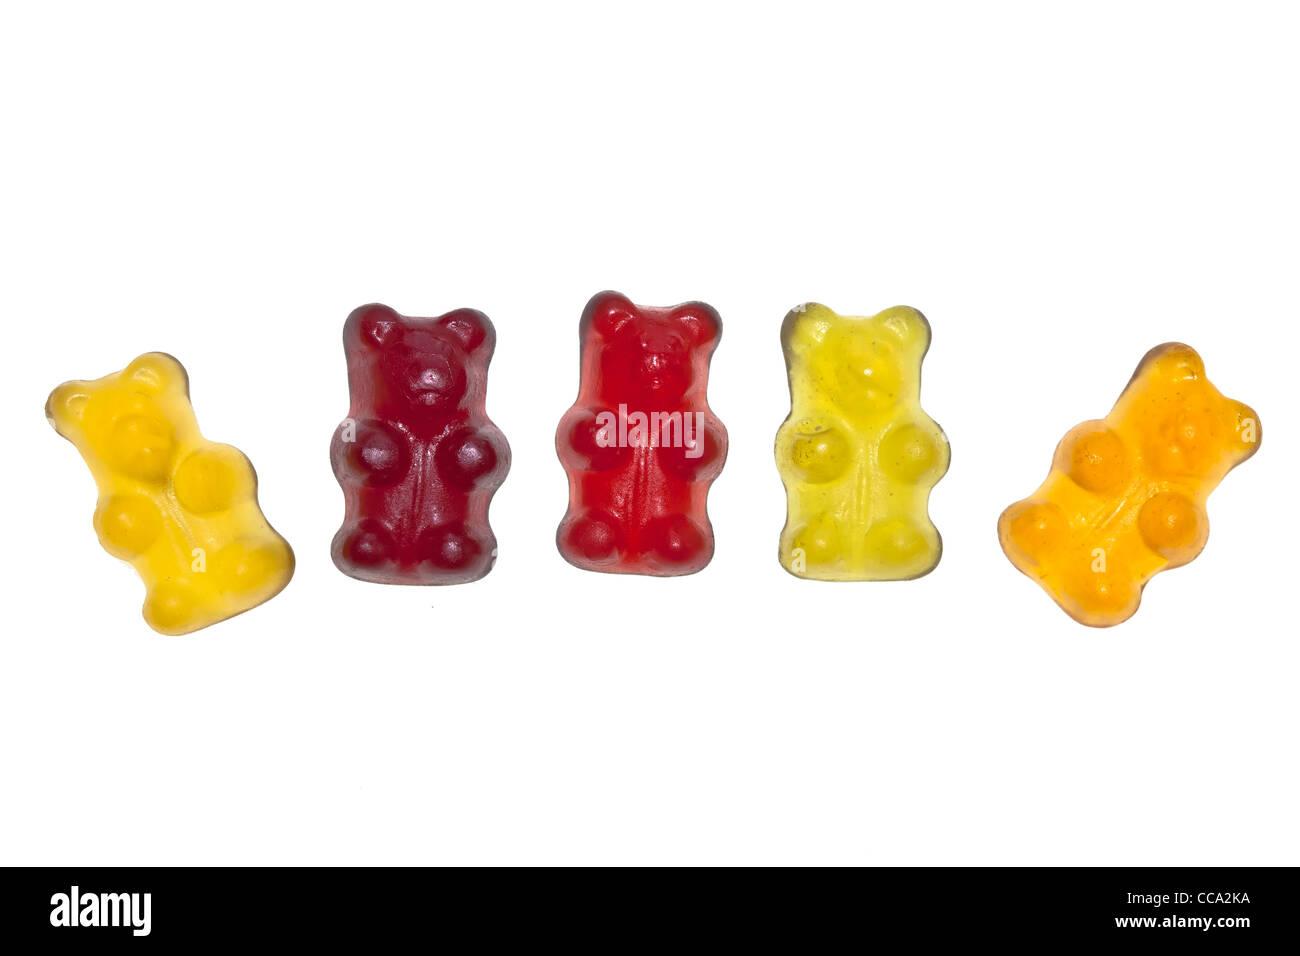 Ours gummi bio sans gélatine, coloré et aromatisé avec du jus de fruits Banque D'Images